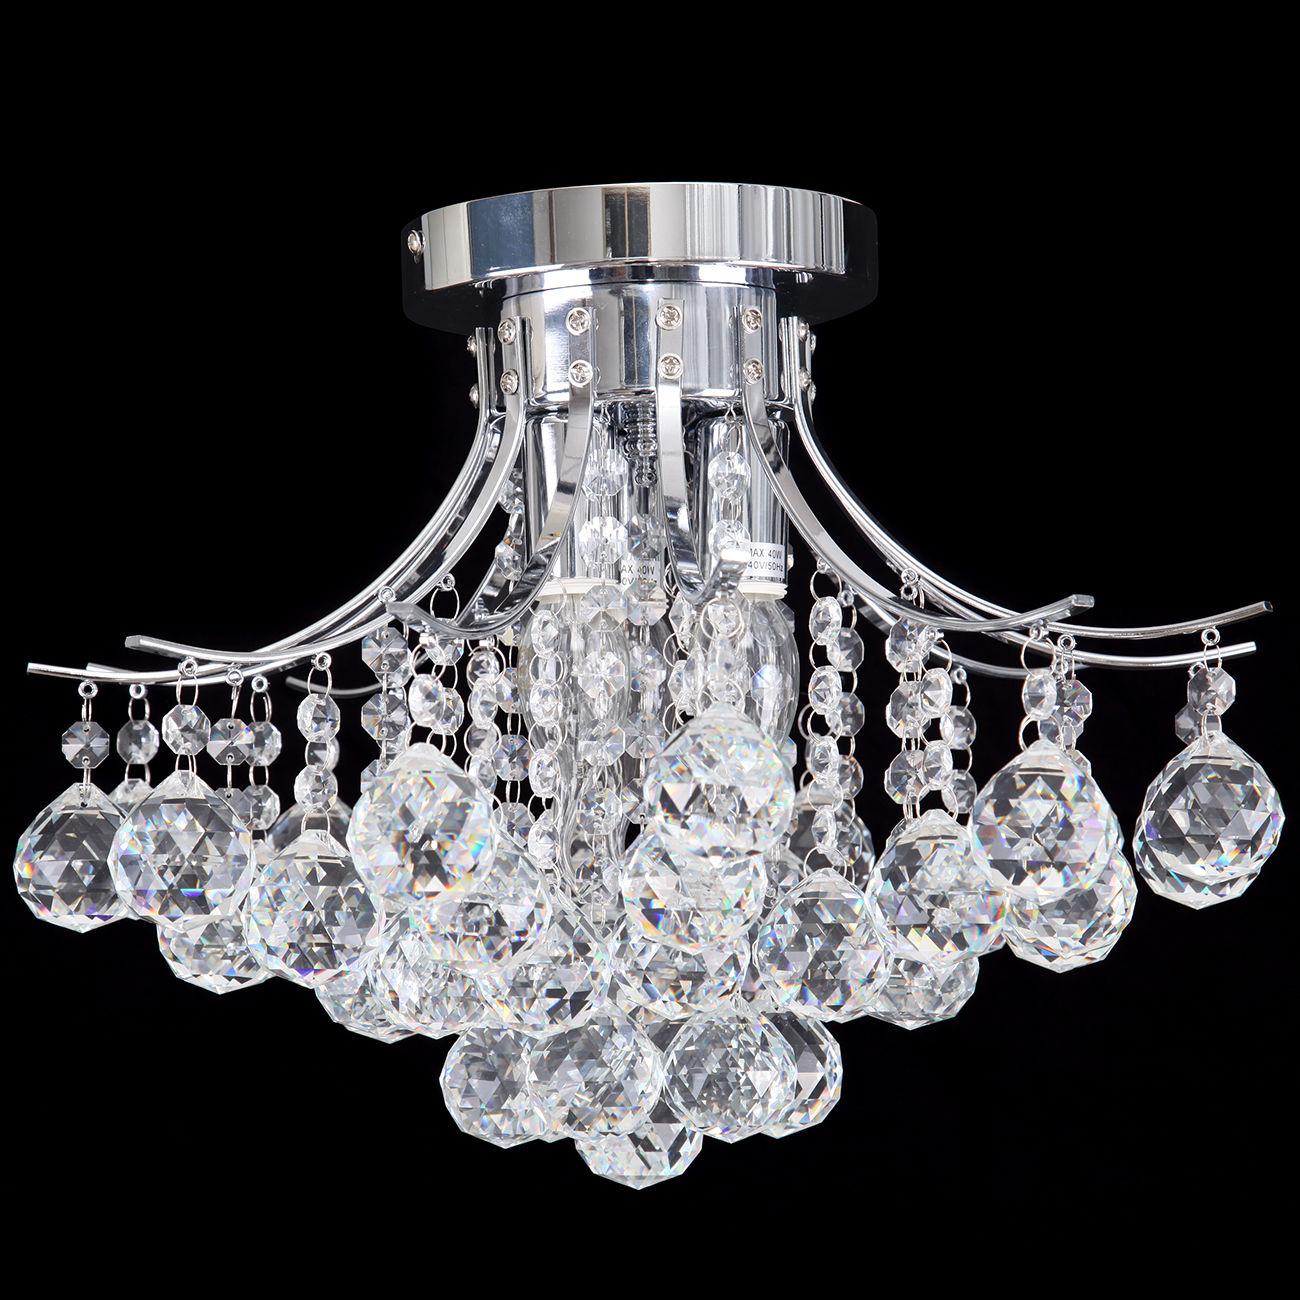 Crystal Chandelier Ceiling Light Pendant Lamp Lighting Flush Mount Bedroom